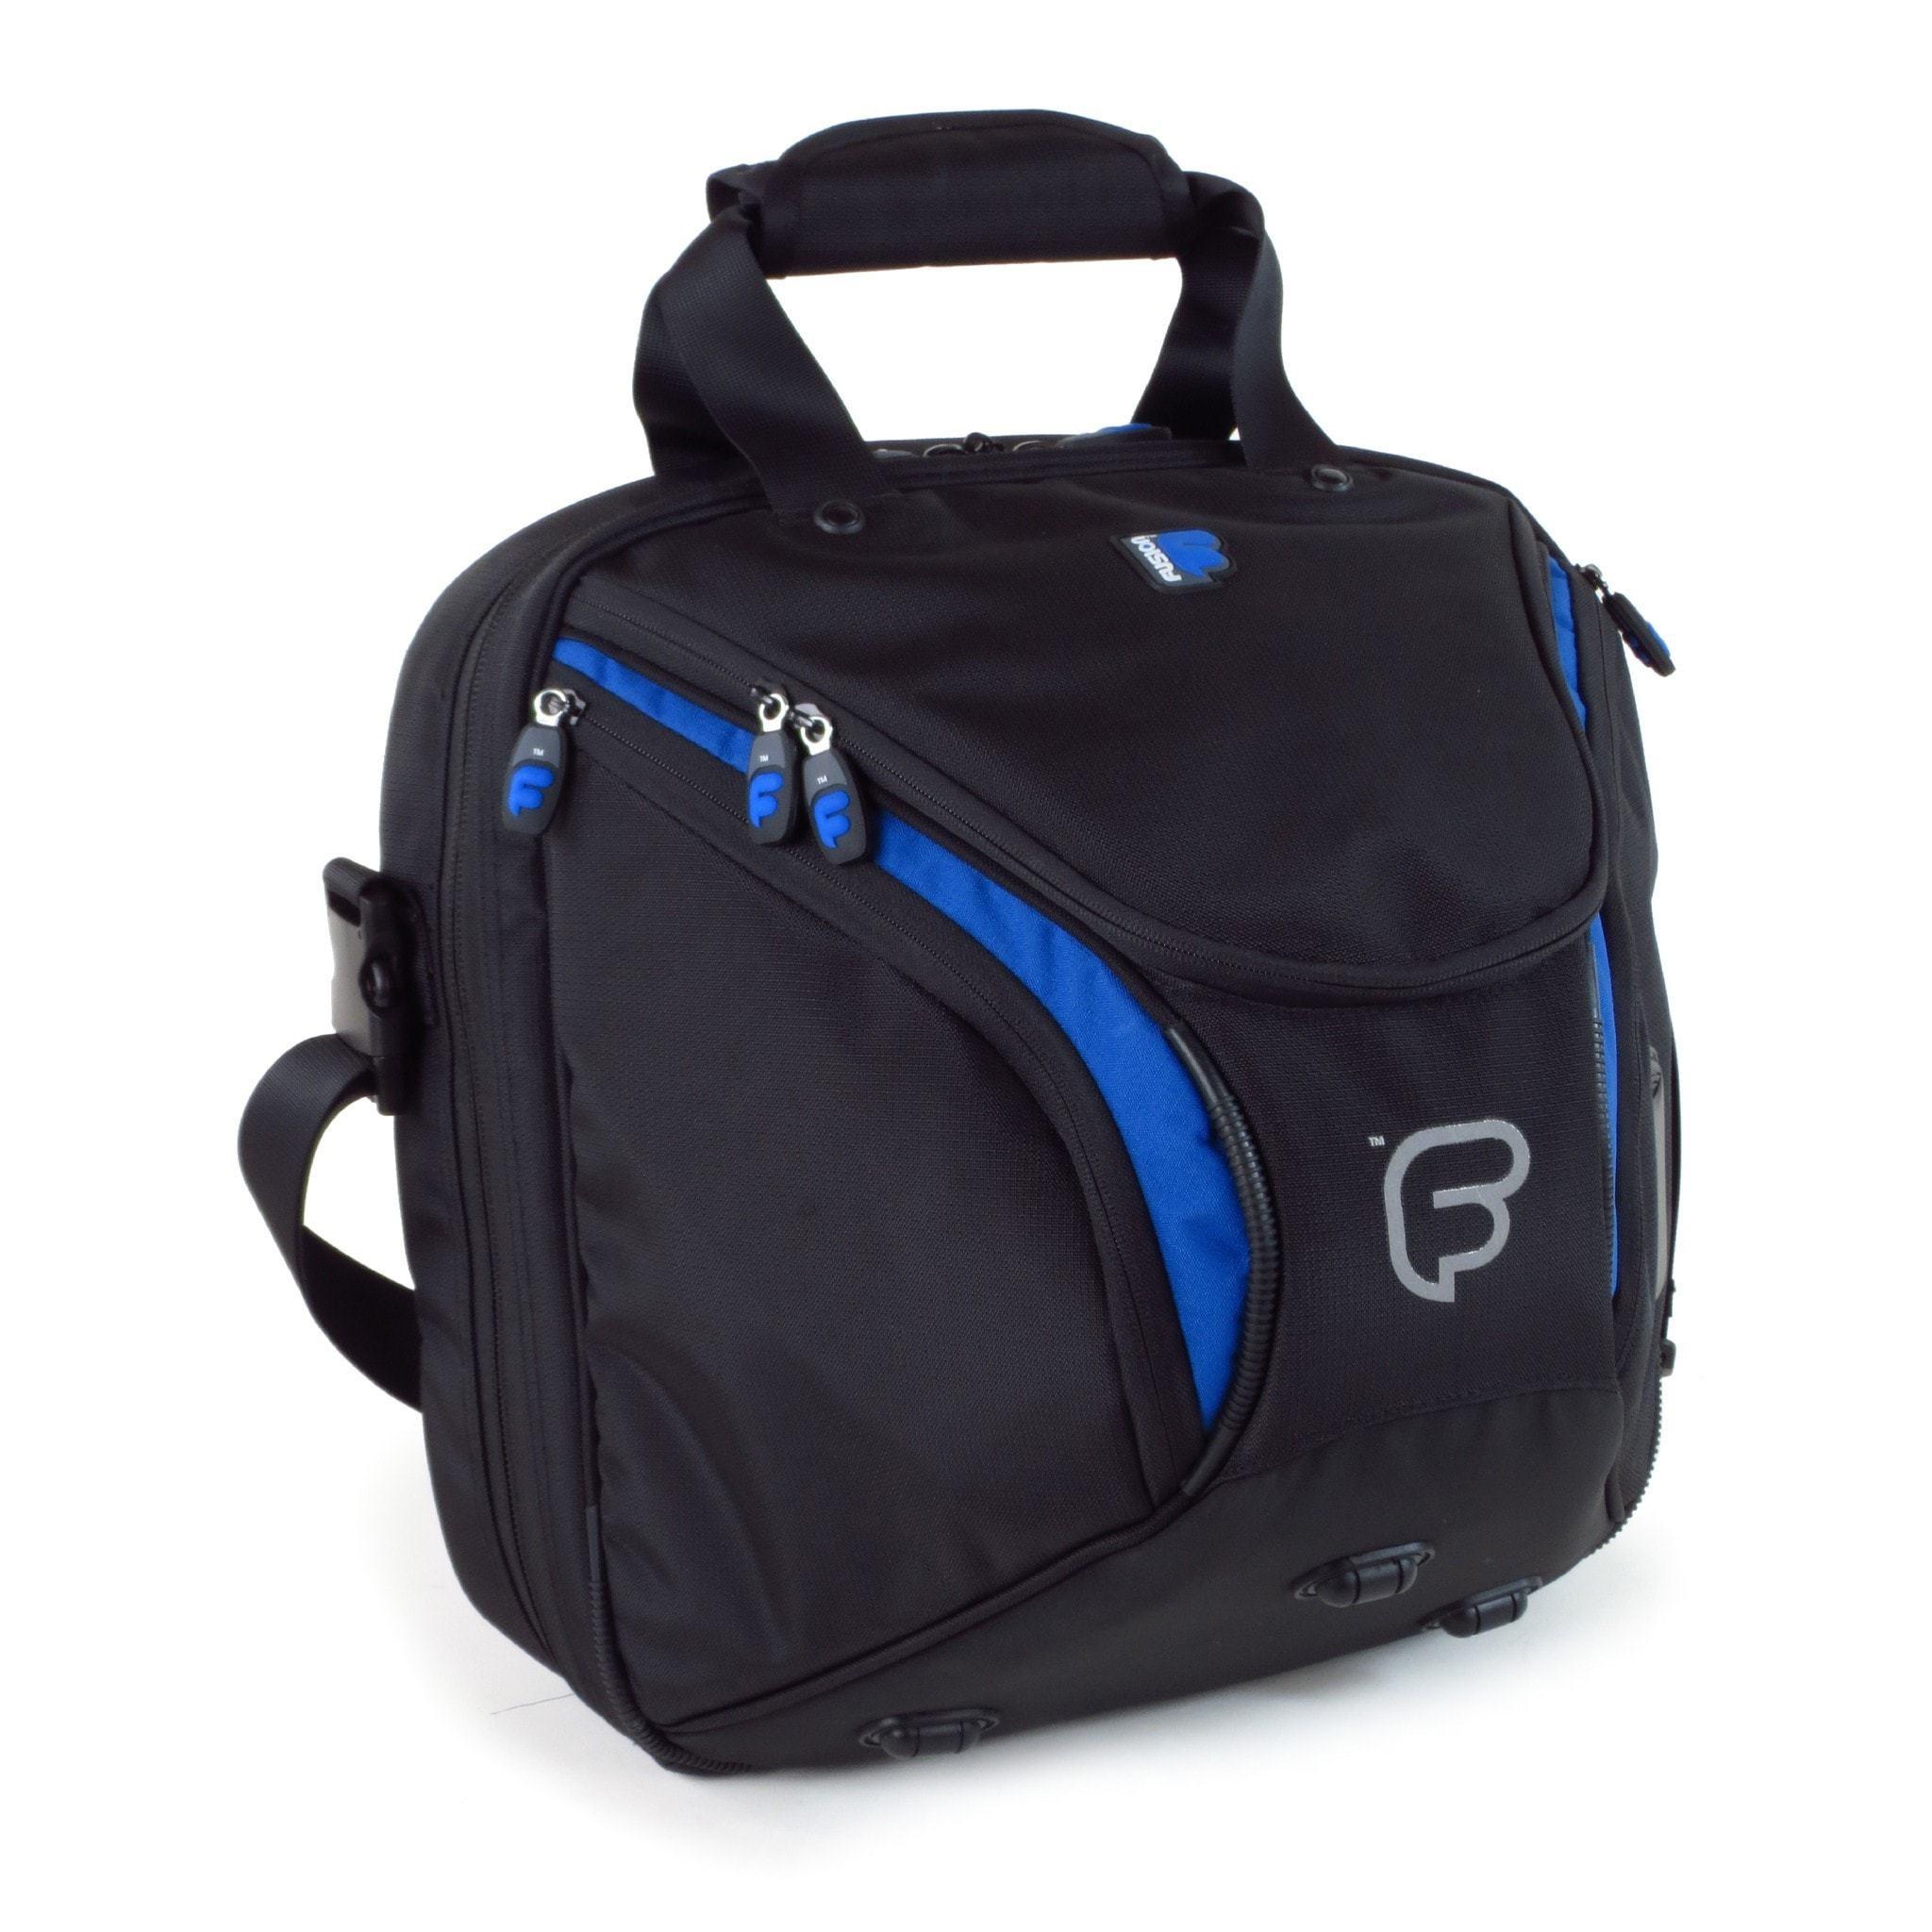 Fusion Premium - D Black/Blue